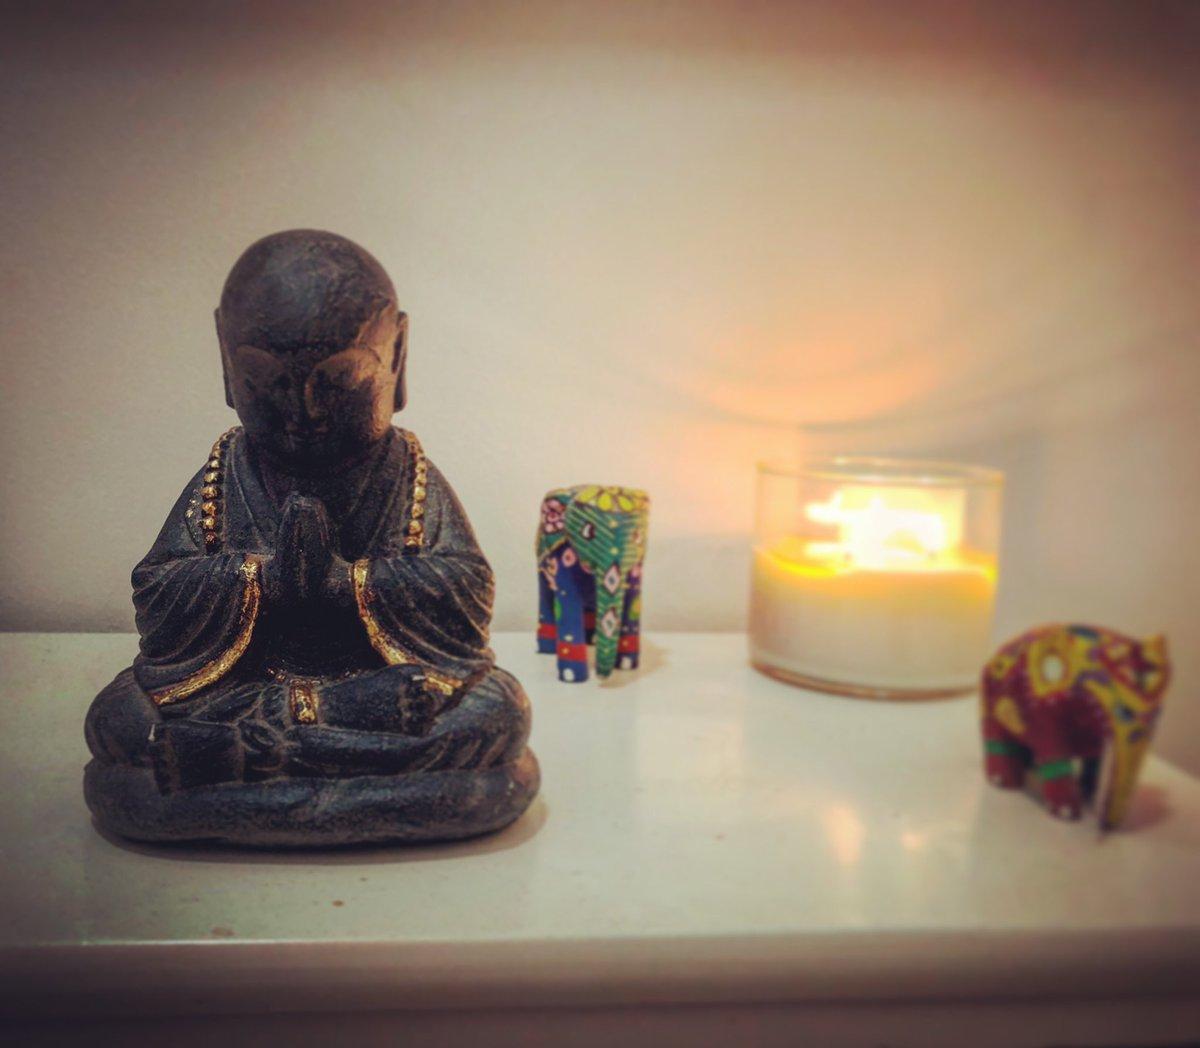 buddhistmonk hashtag on Twitter